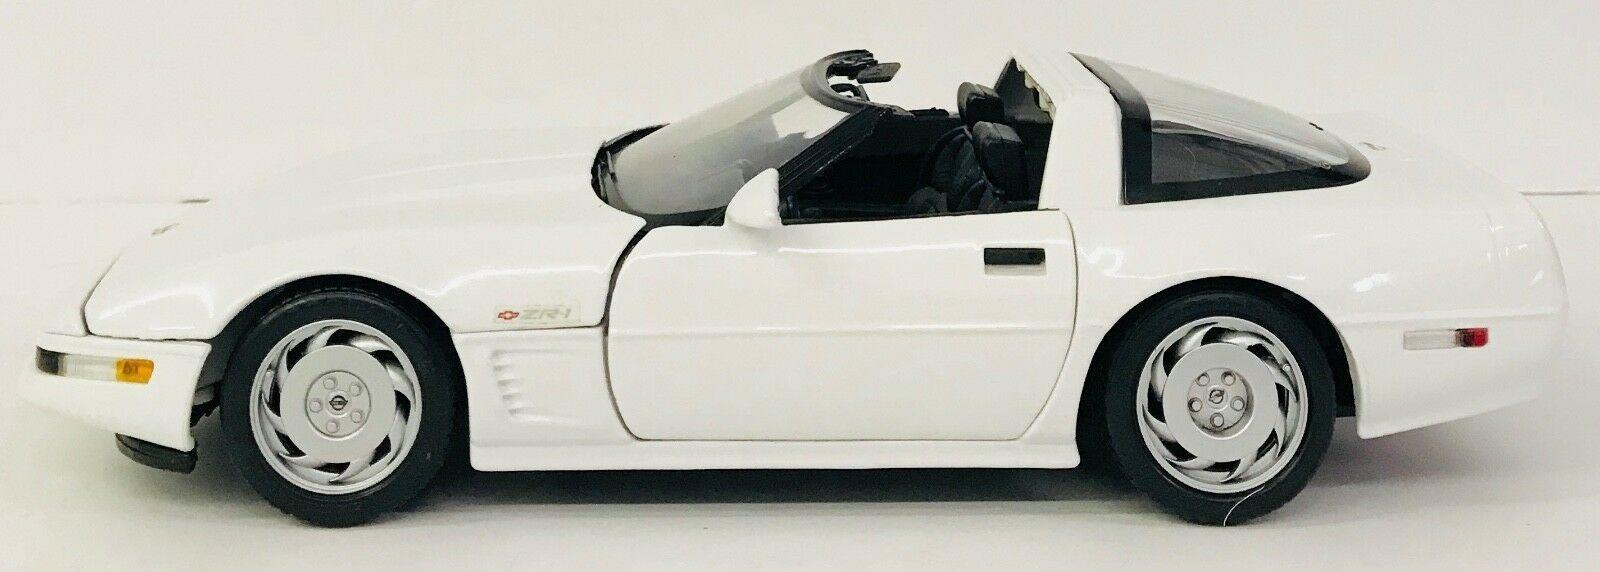 Pin By Michael Broussard Hubbard On Model Cars Chevrolet Corvette Chevrolet Corvette